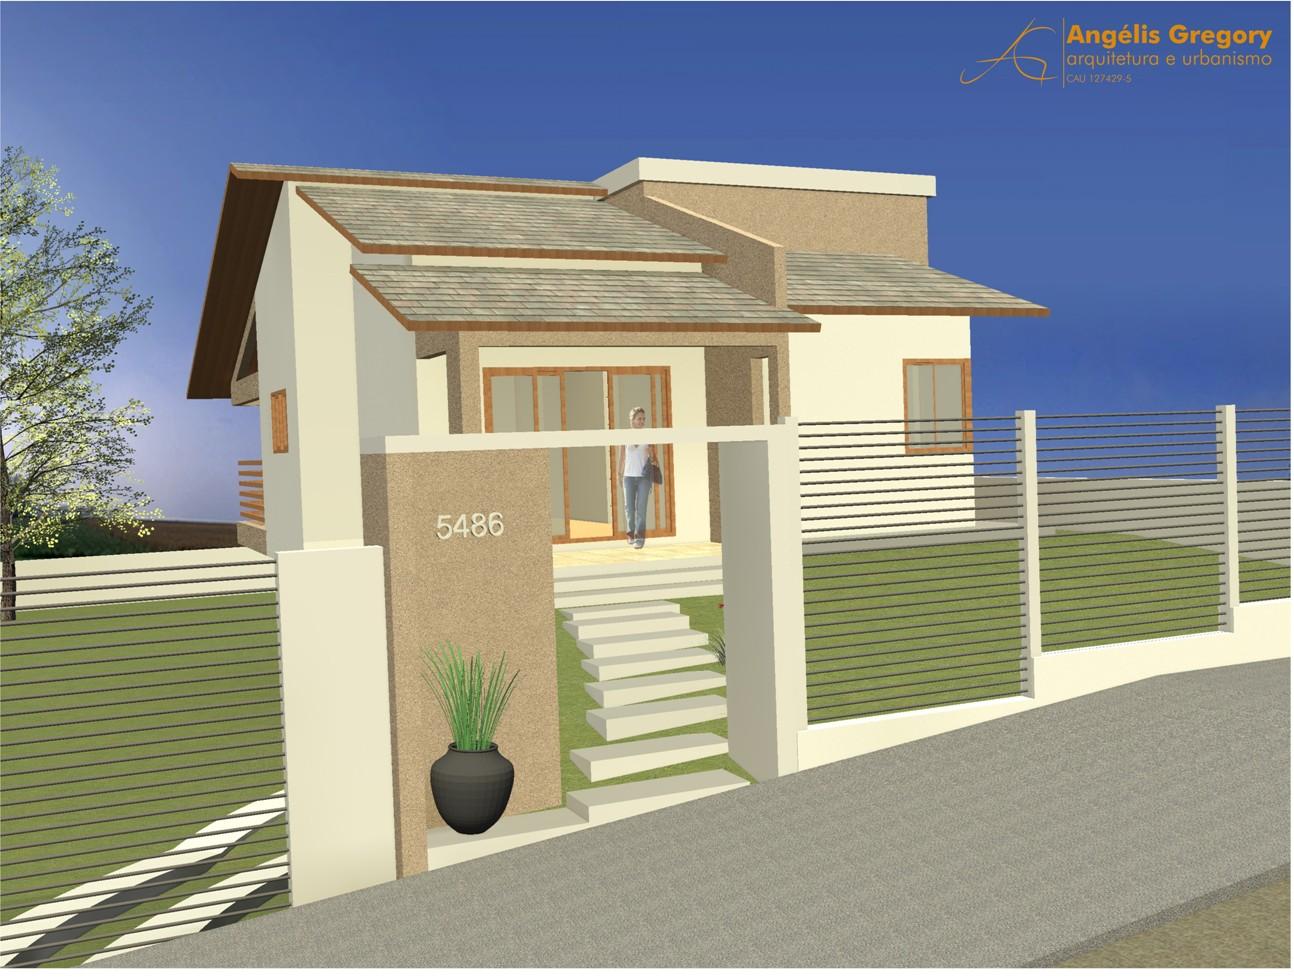 #956836  Urbanismo: Projetos para Minha Casa Minha Vida do Governo Federal 1294x978 px Projeto Cozinha Comunitária Governo Federal_4147 Imagens